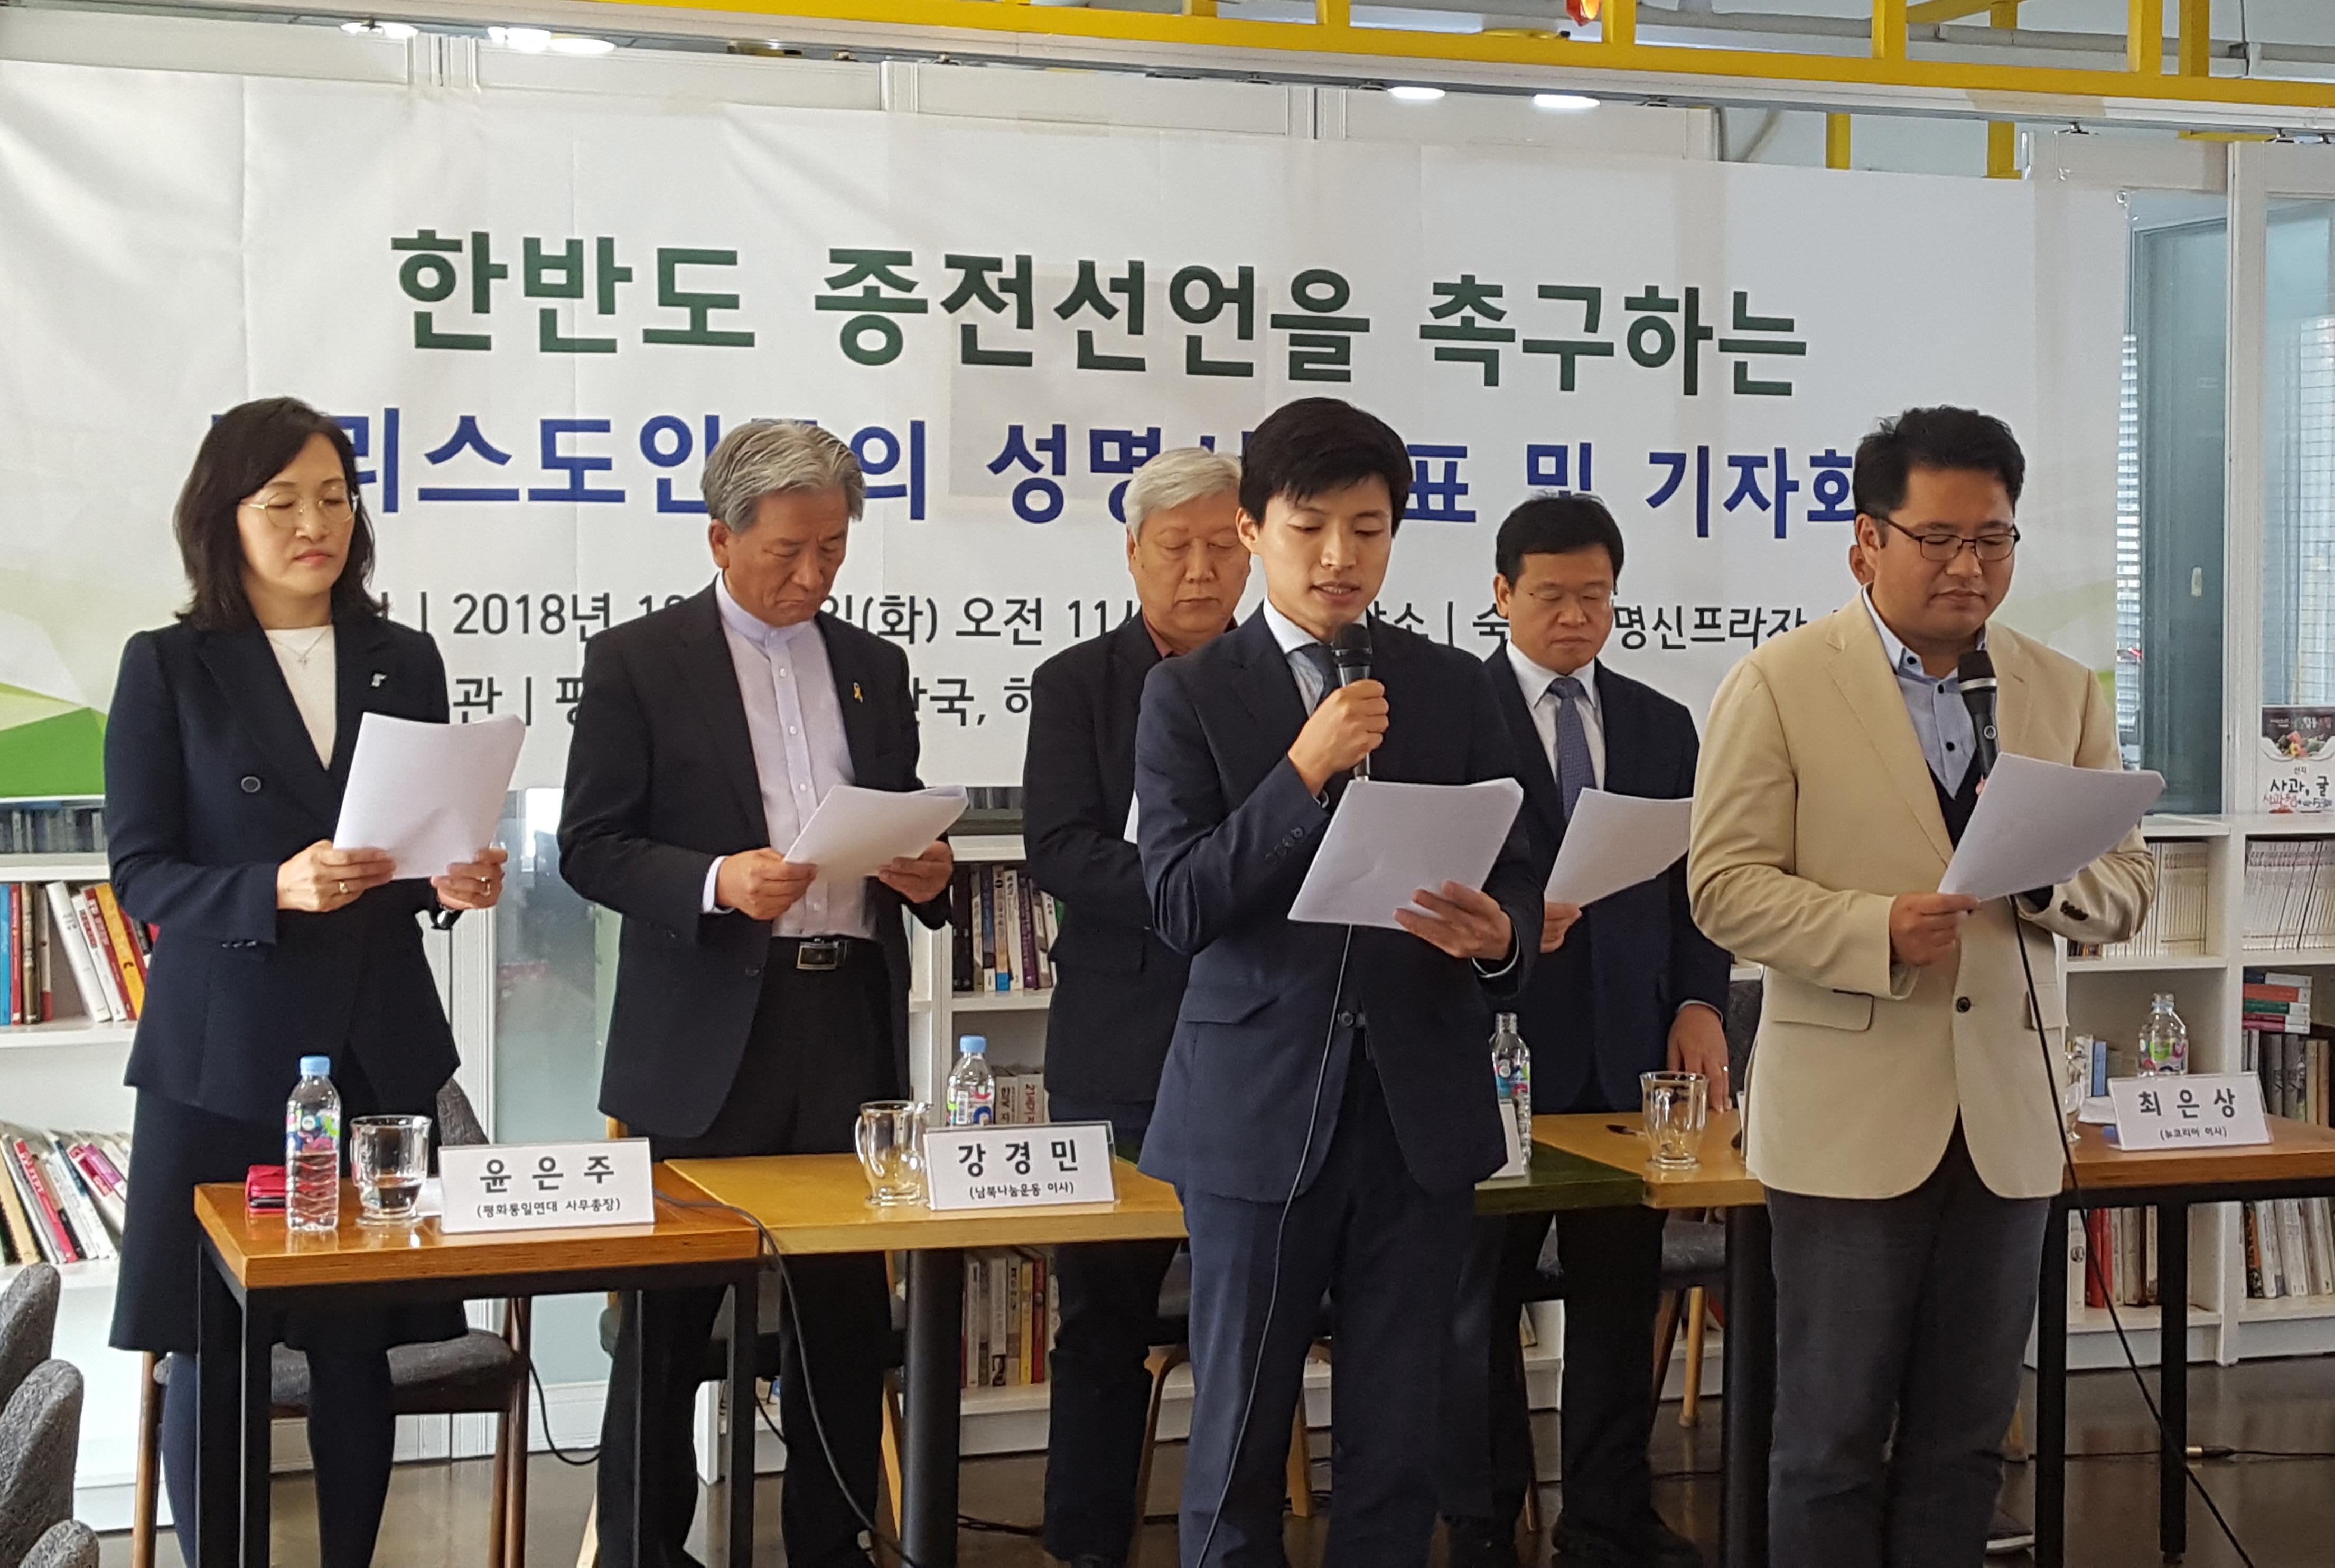 한반도 평화 정착, 한국교회엔 '중차대한 사명'